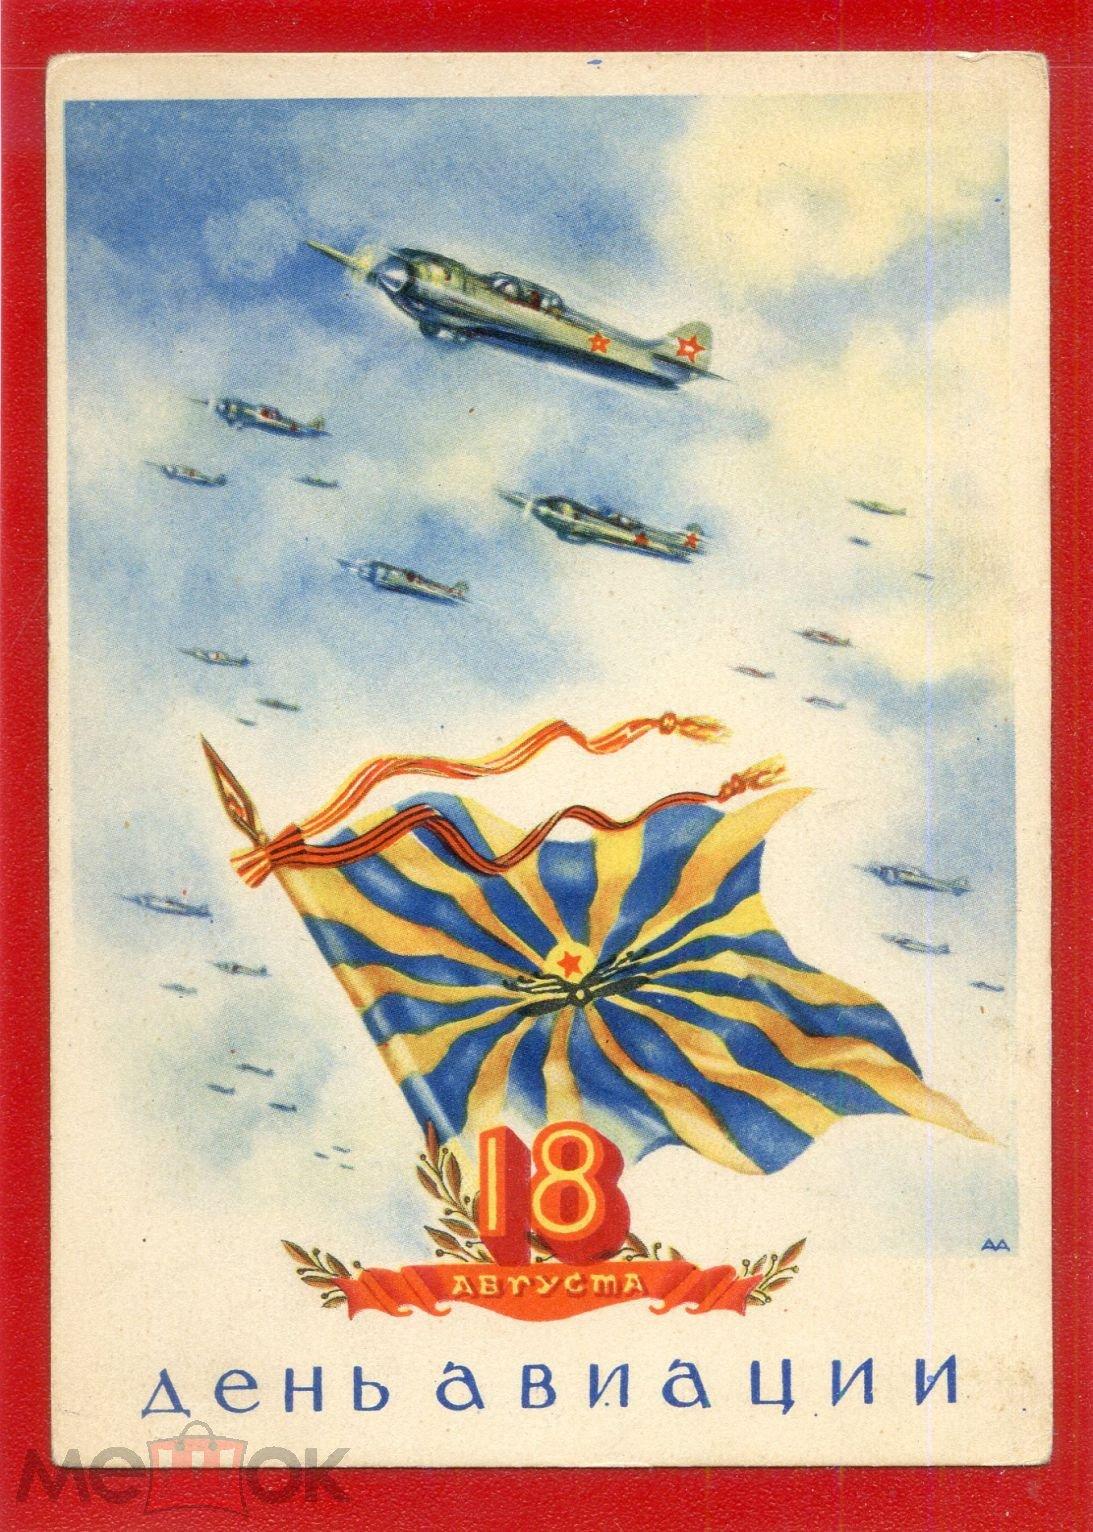 День военно-воздушных сил ссср открытка